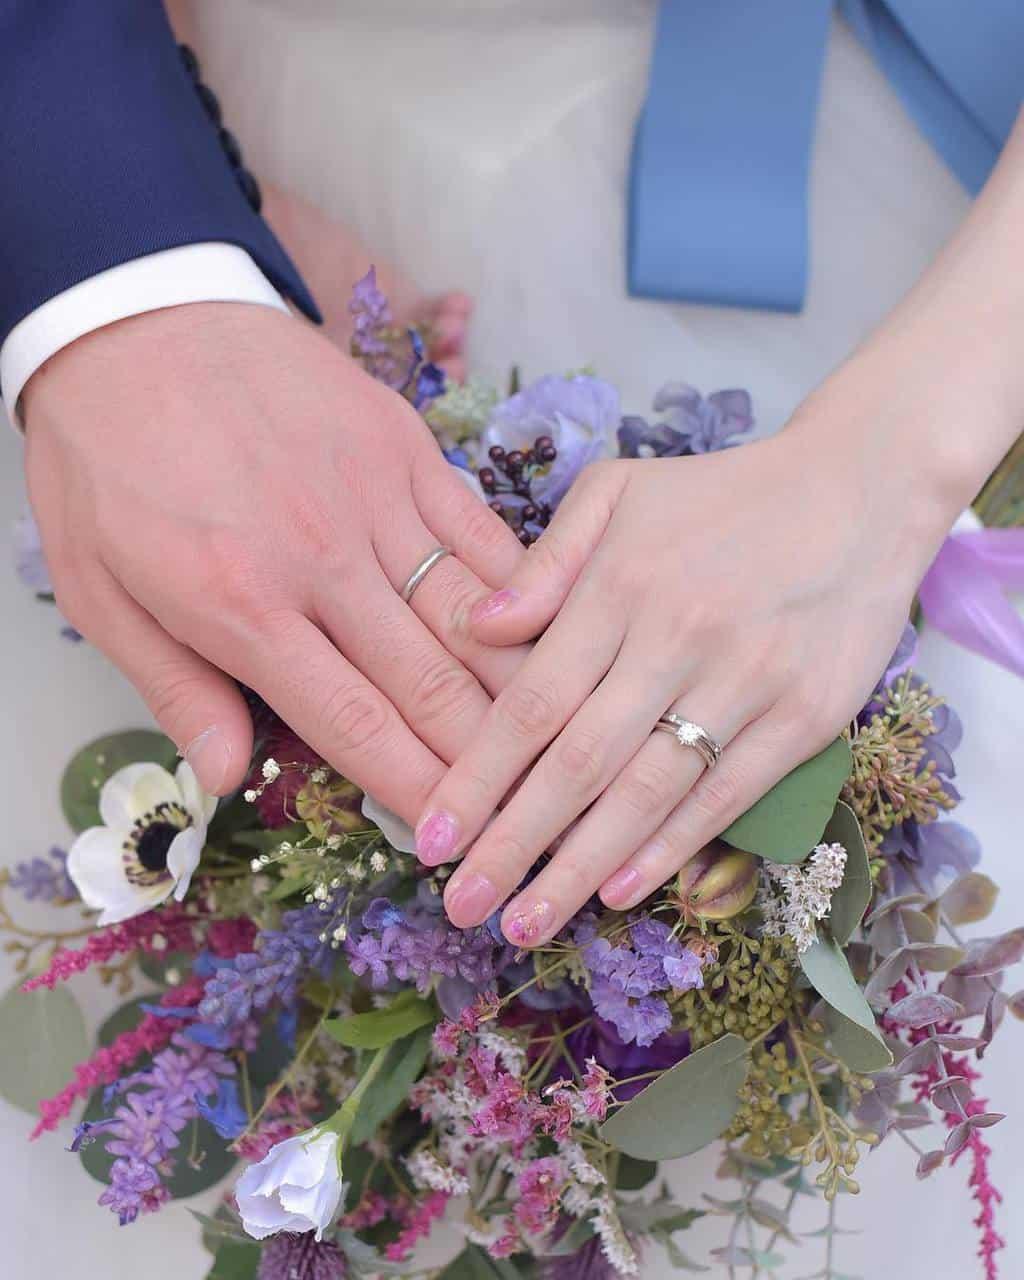 憧れの海外ブランド【結婚指輪・婚約指輪】が欲しい♡人気のハイブランド13選のカバー写真